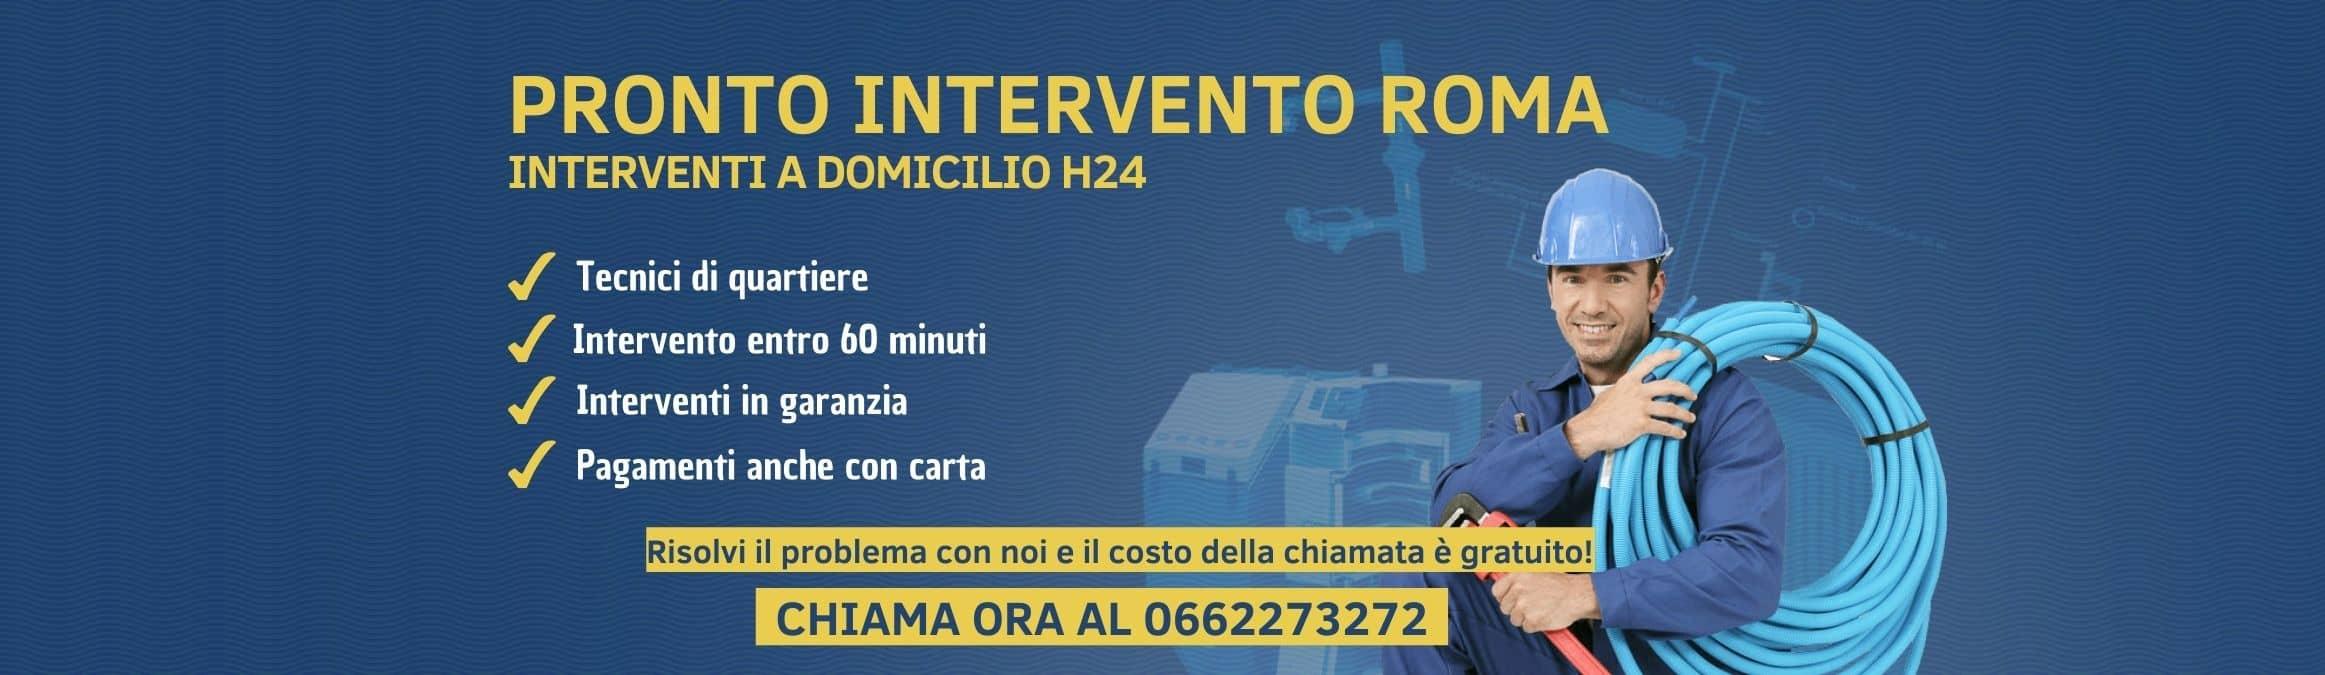 Pronto Intervento Roma - Fabbro Idraulico Elettricista